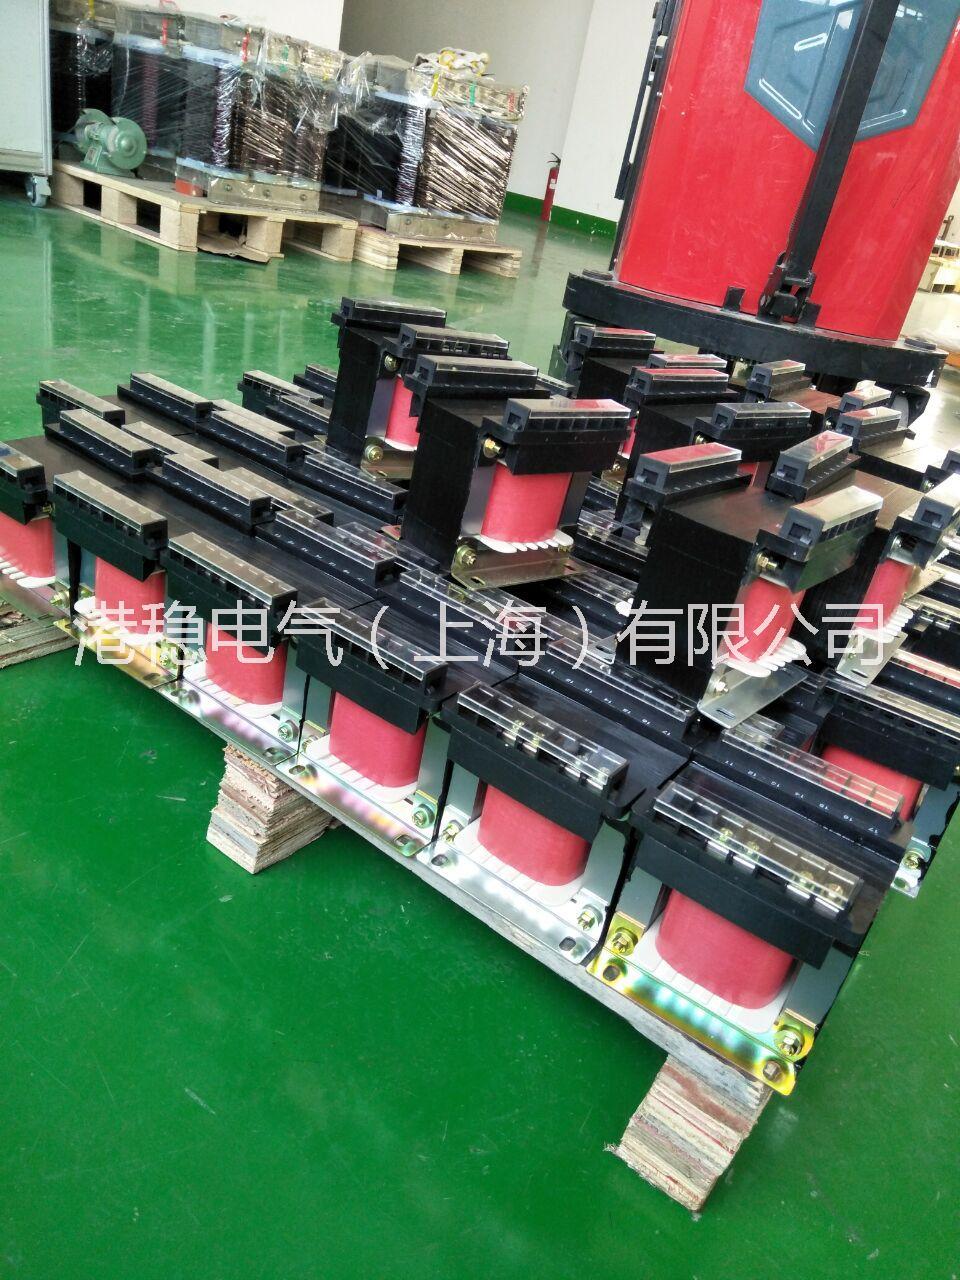 BK-630VA冰箱 电吹风专用控制隔离变压器380V220转220V110V36V24V 控制隔离变压器厂家批发